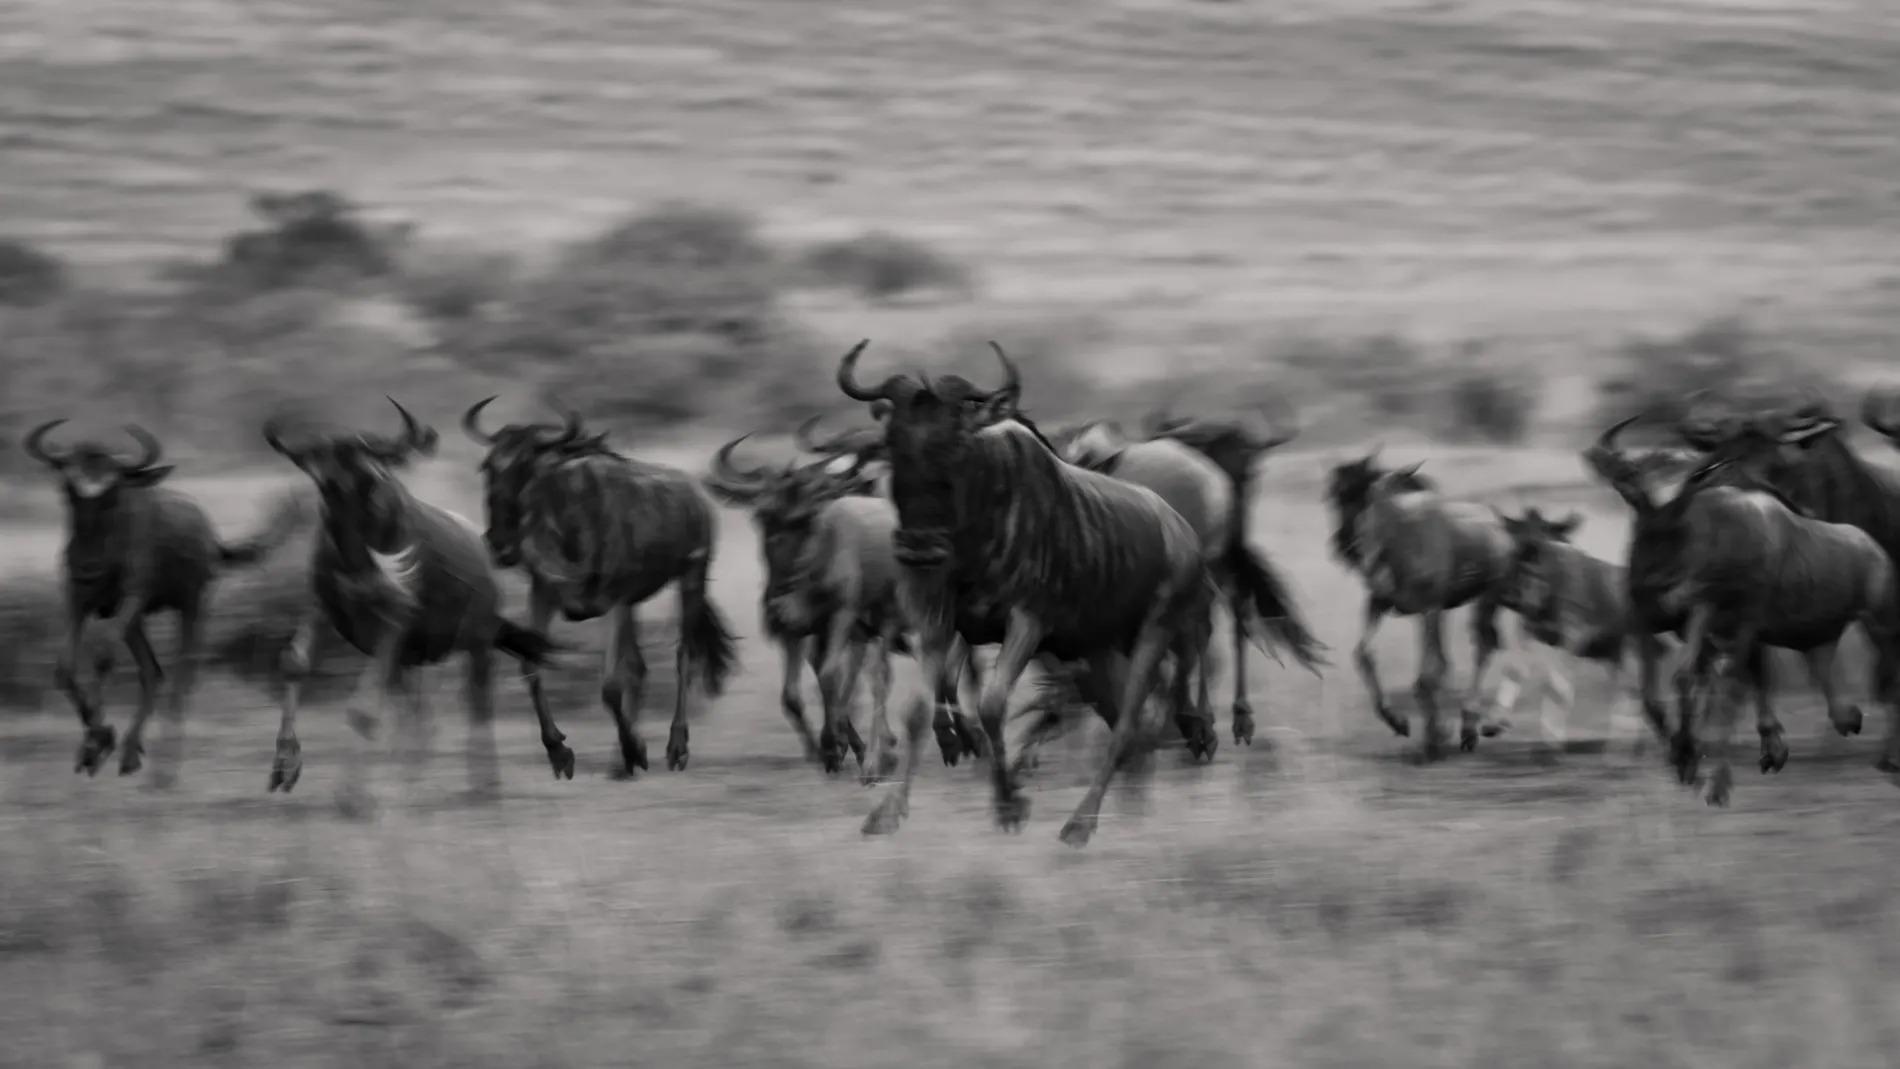 Wildebeest group BW